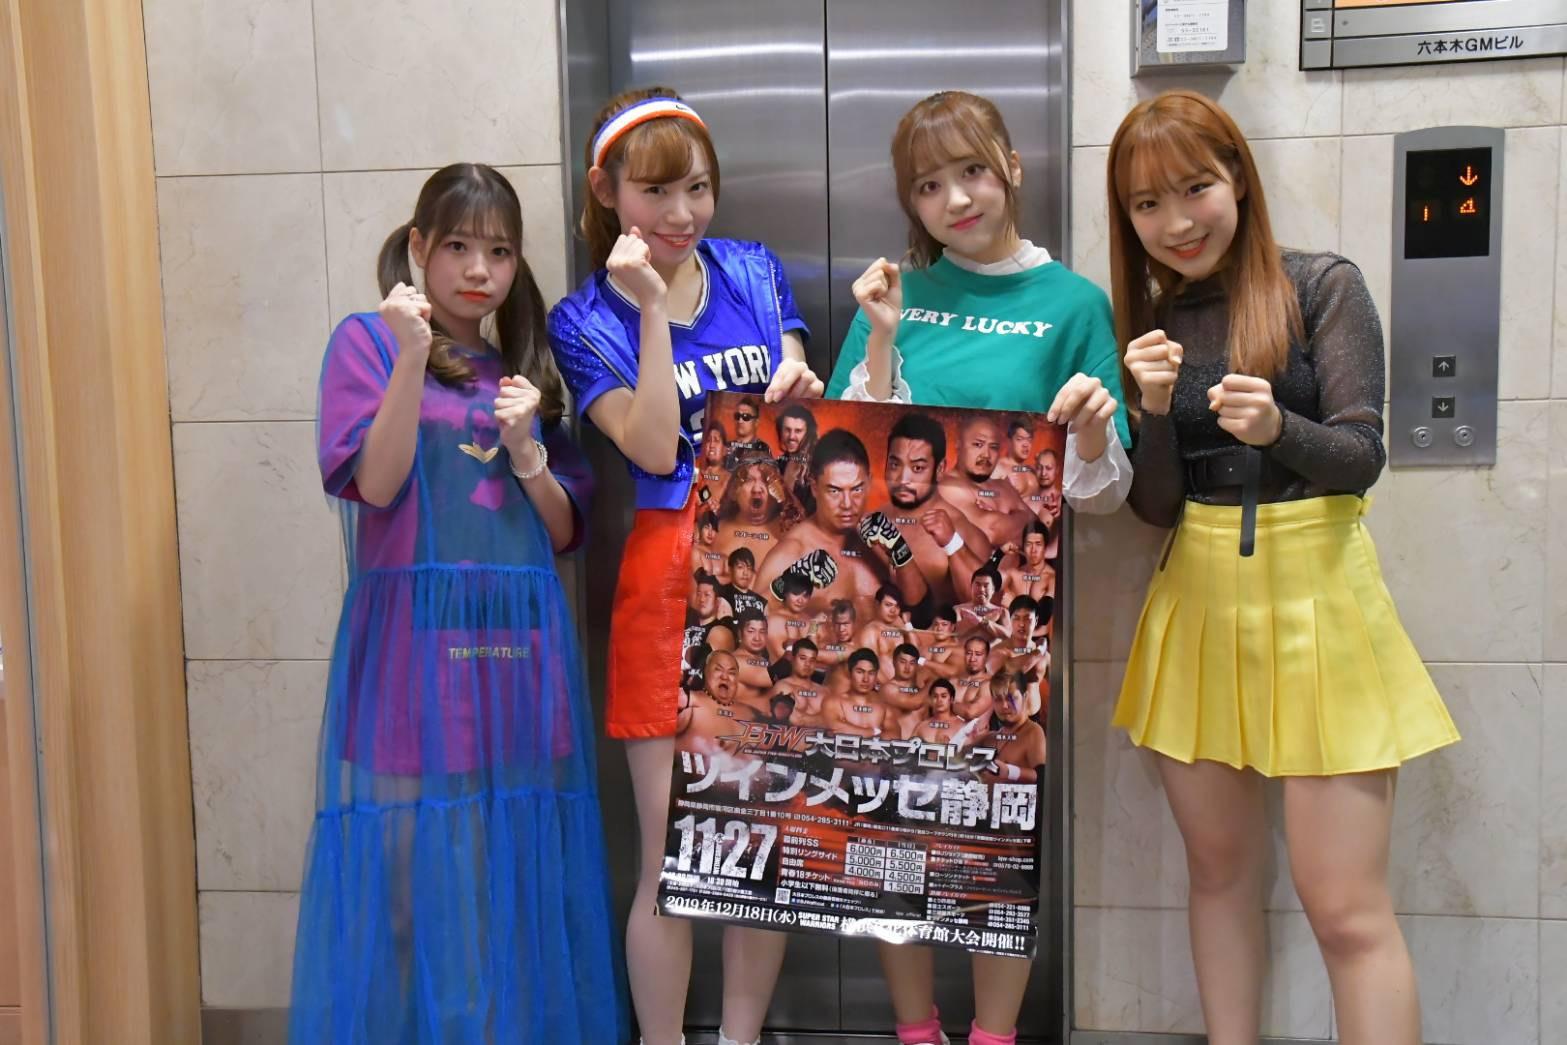 静岡大会で地元アイドル「ROSARIO+CROSS」とのコラボが決定!11/27(水)ツインメッセ静岡大会「ROSARIO+CROSS」ライブ情報